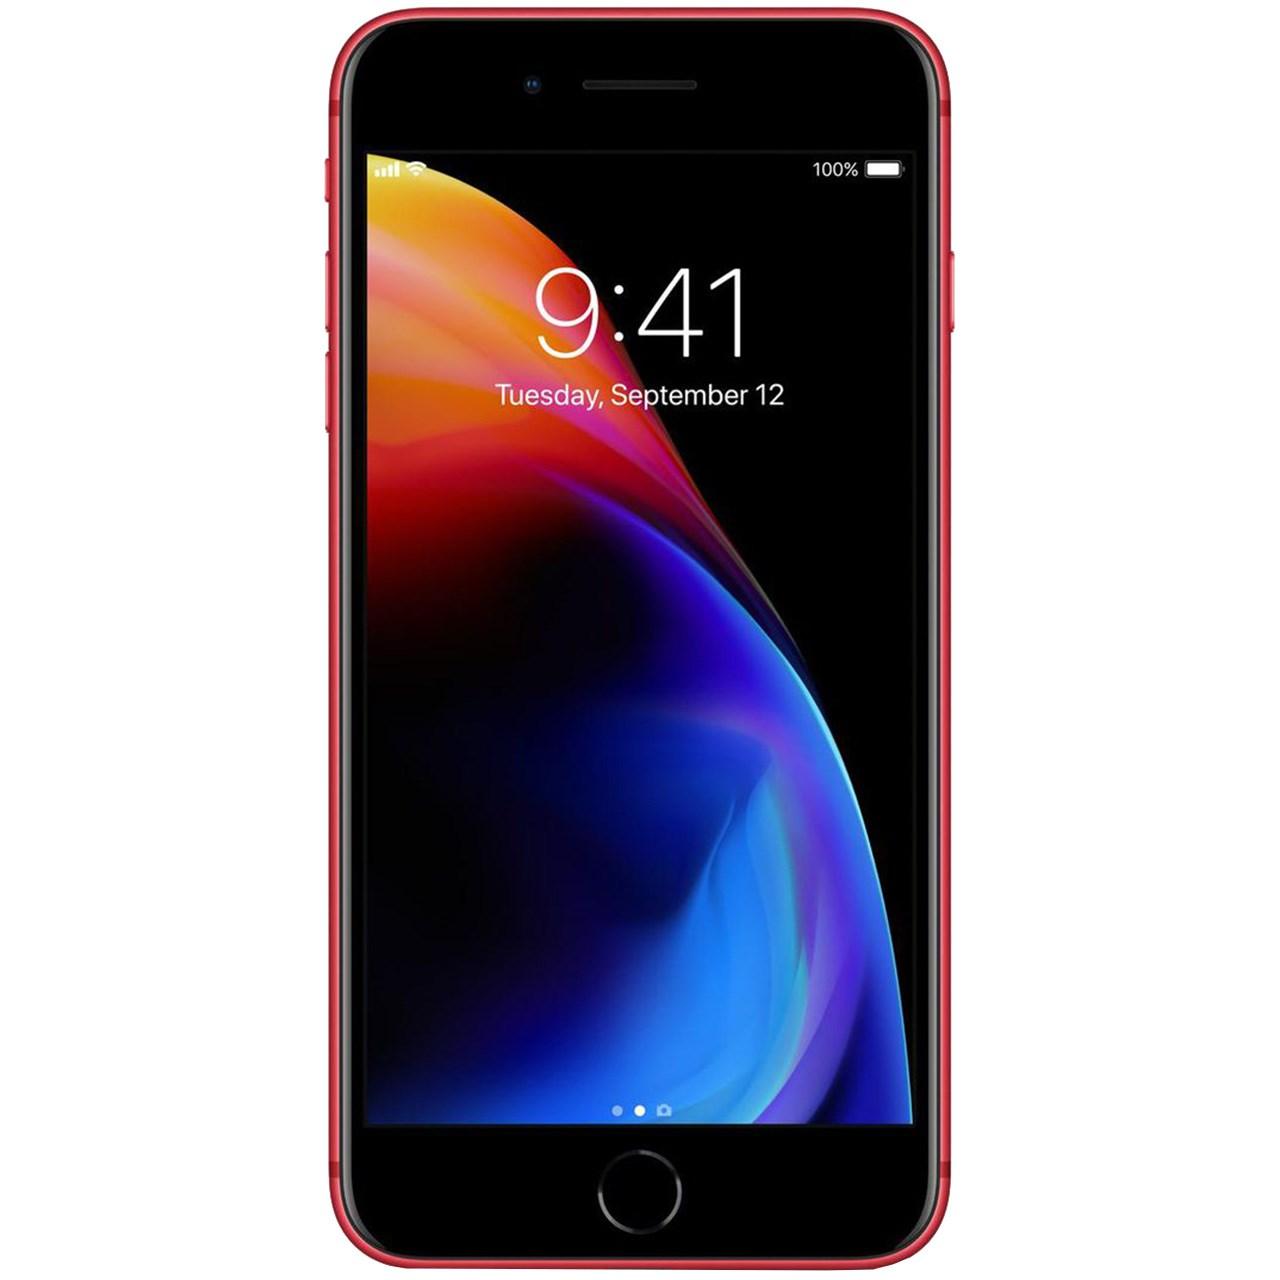 گوشی موبایل اپل مدل iPhone 8 (Product) Red ظرفیت ۲۵۶ گیگابایت